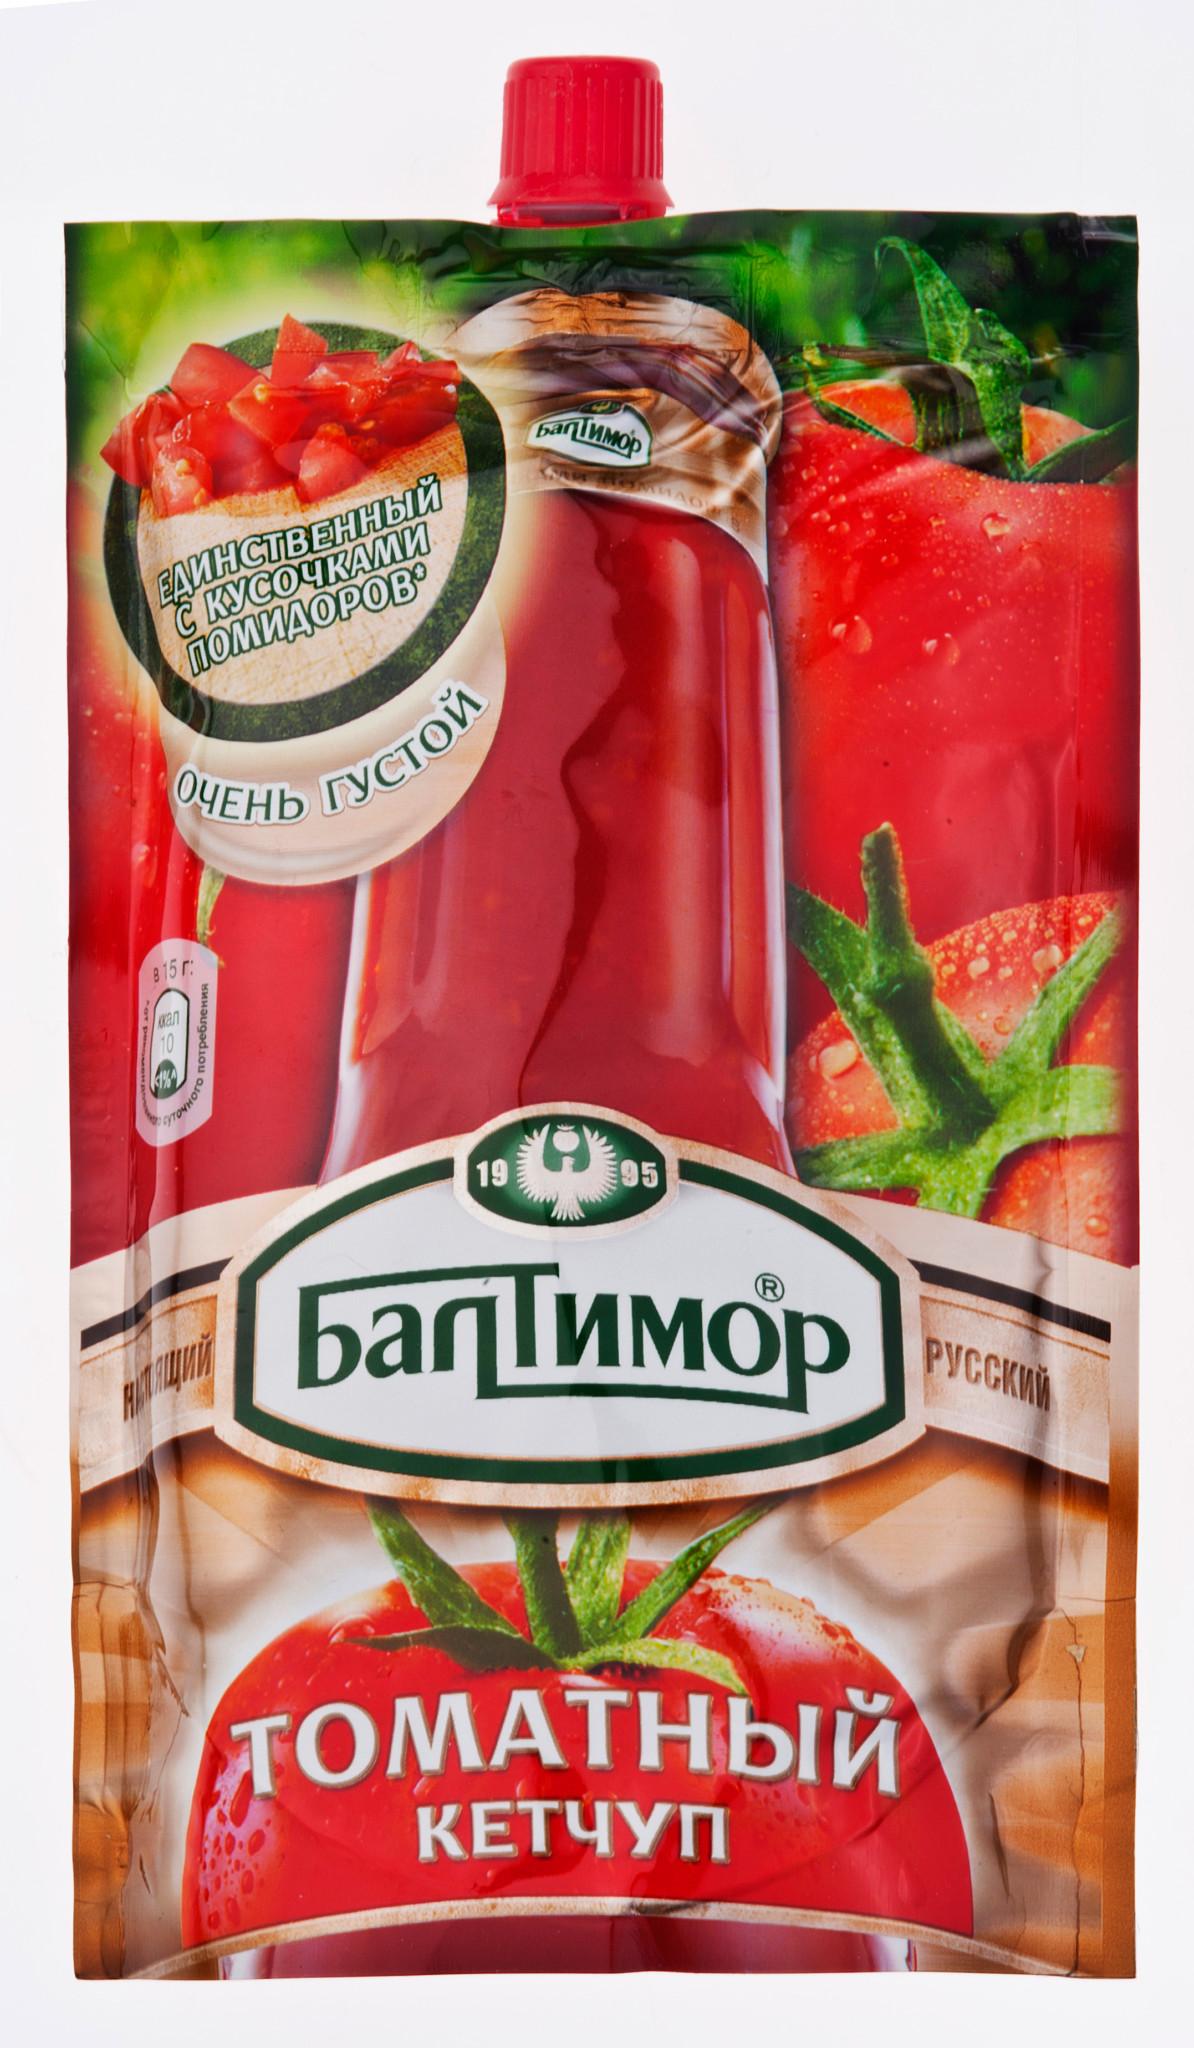 Кетчупы балтимор рецепты